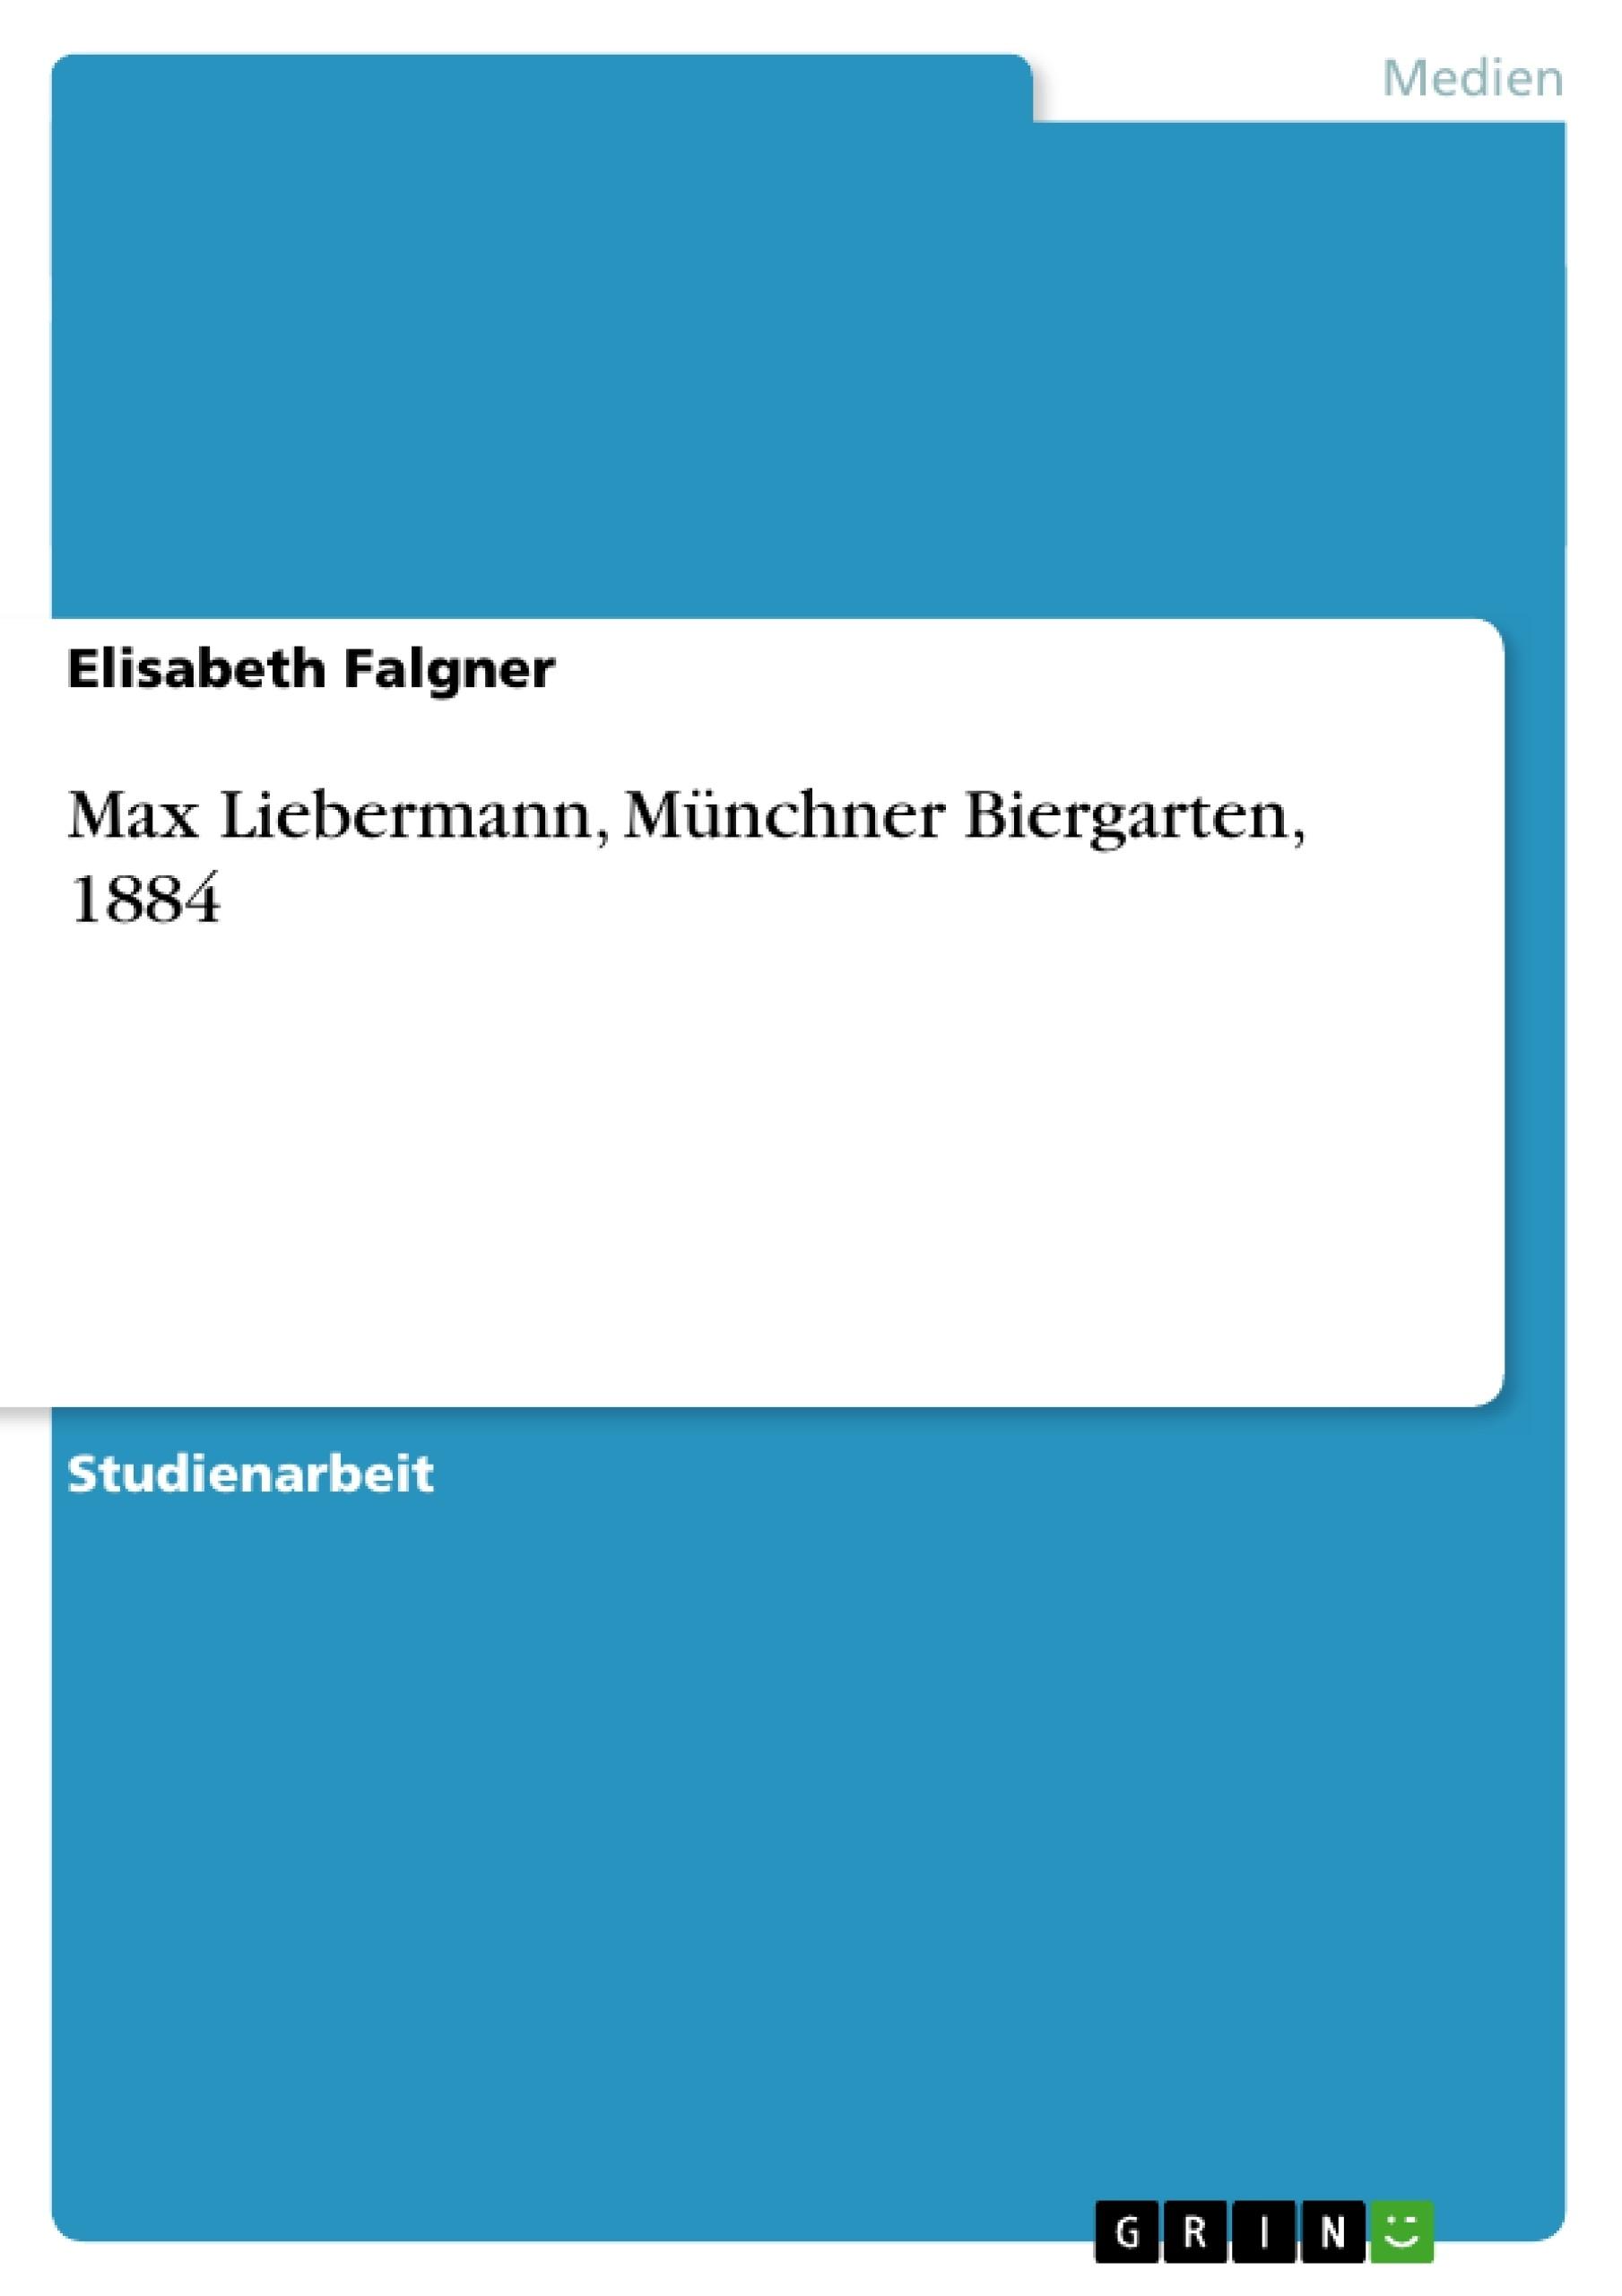 Titel: Max Liebermann, Münchner Biergarten, 1884